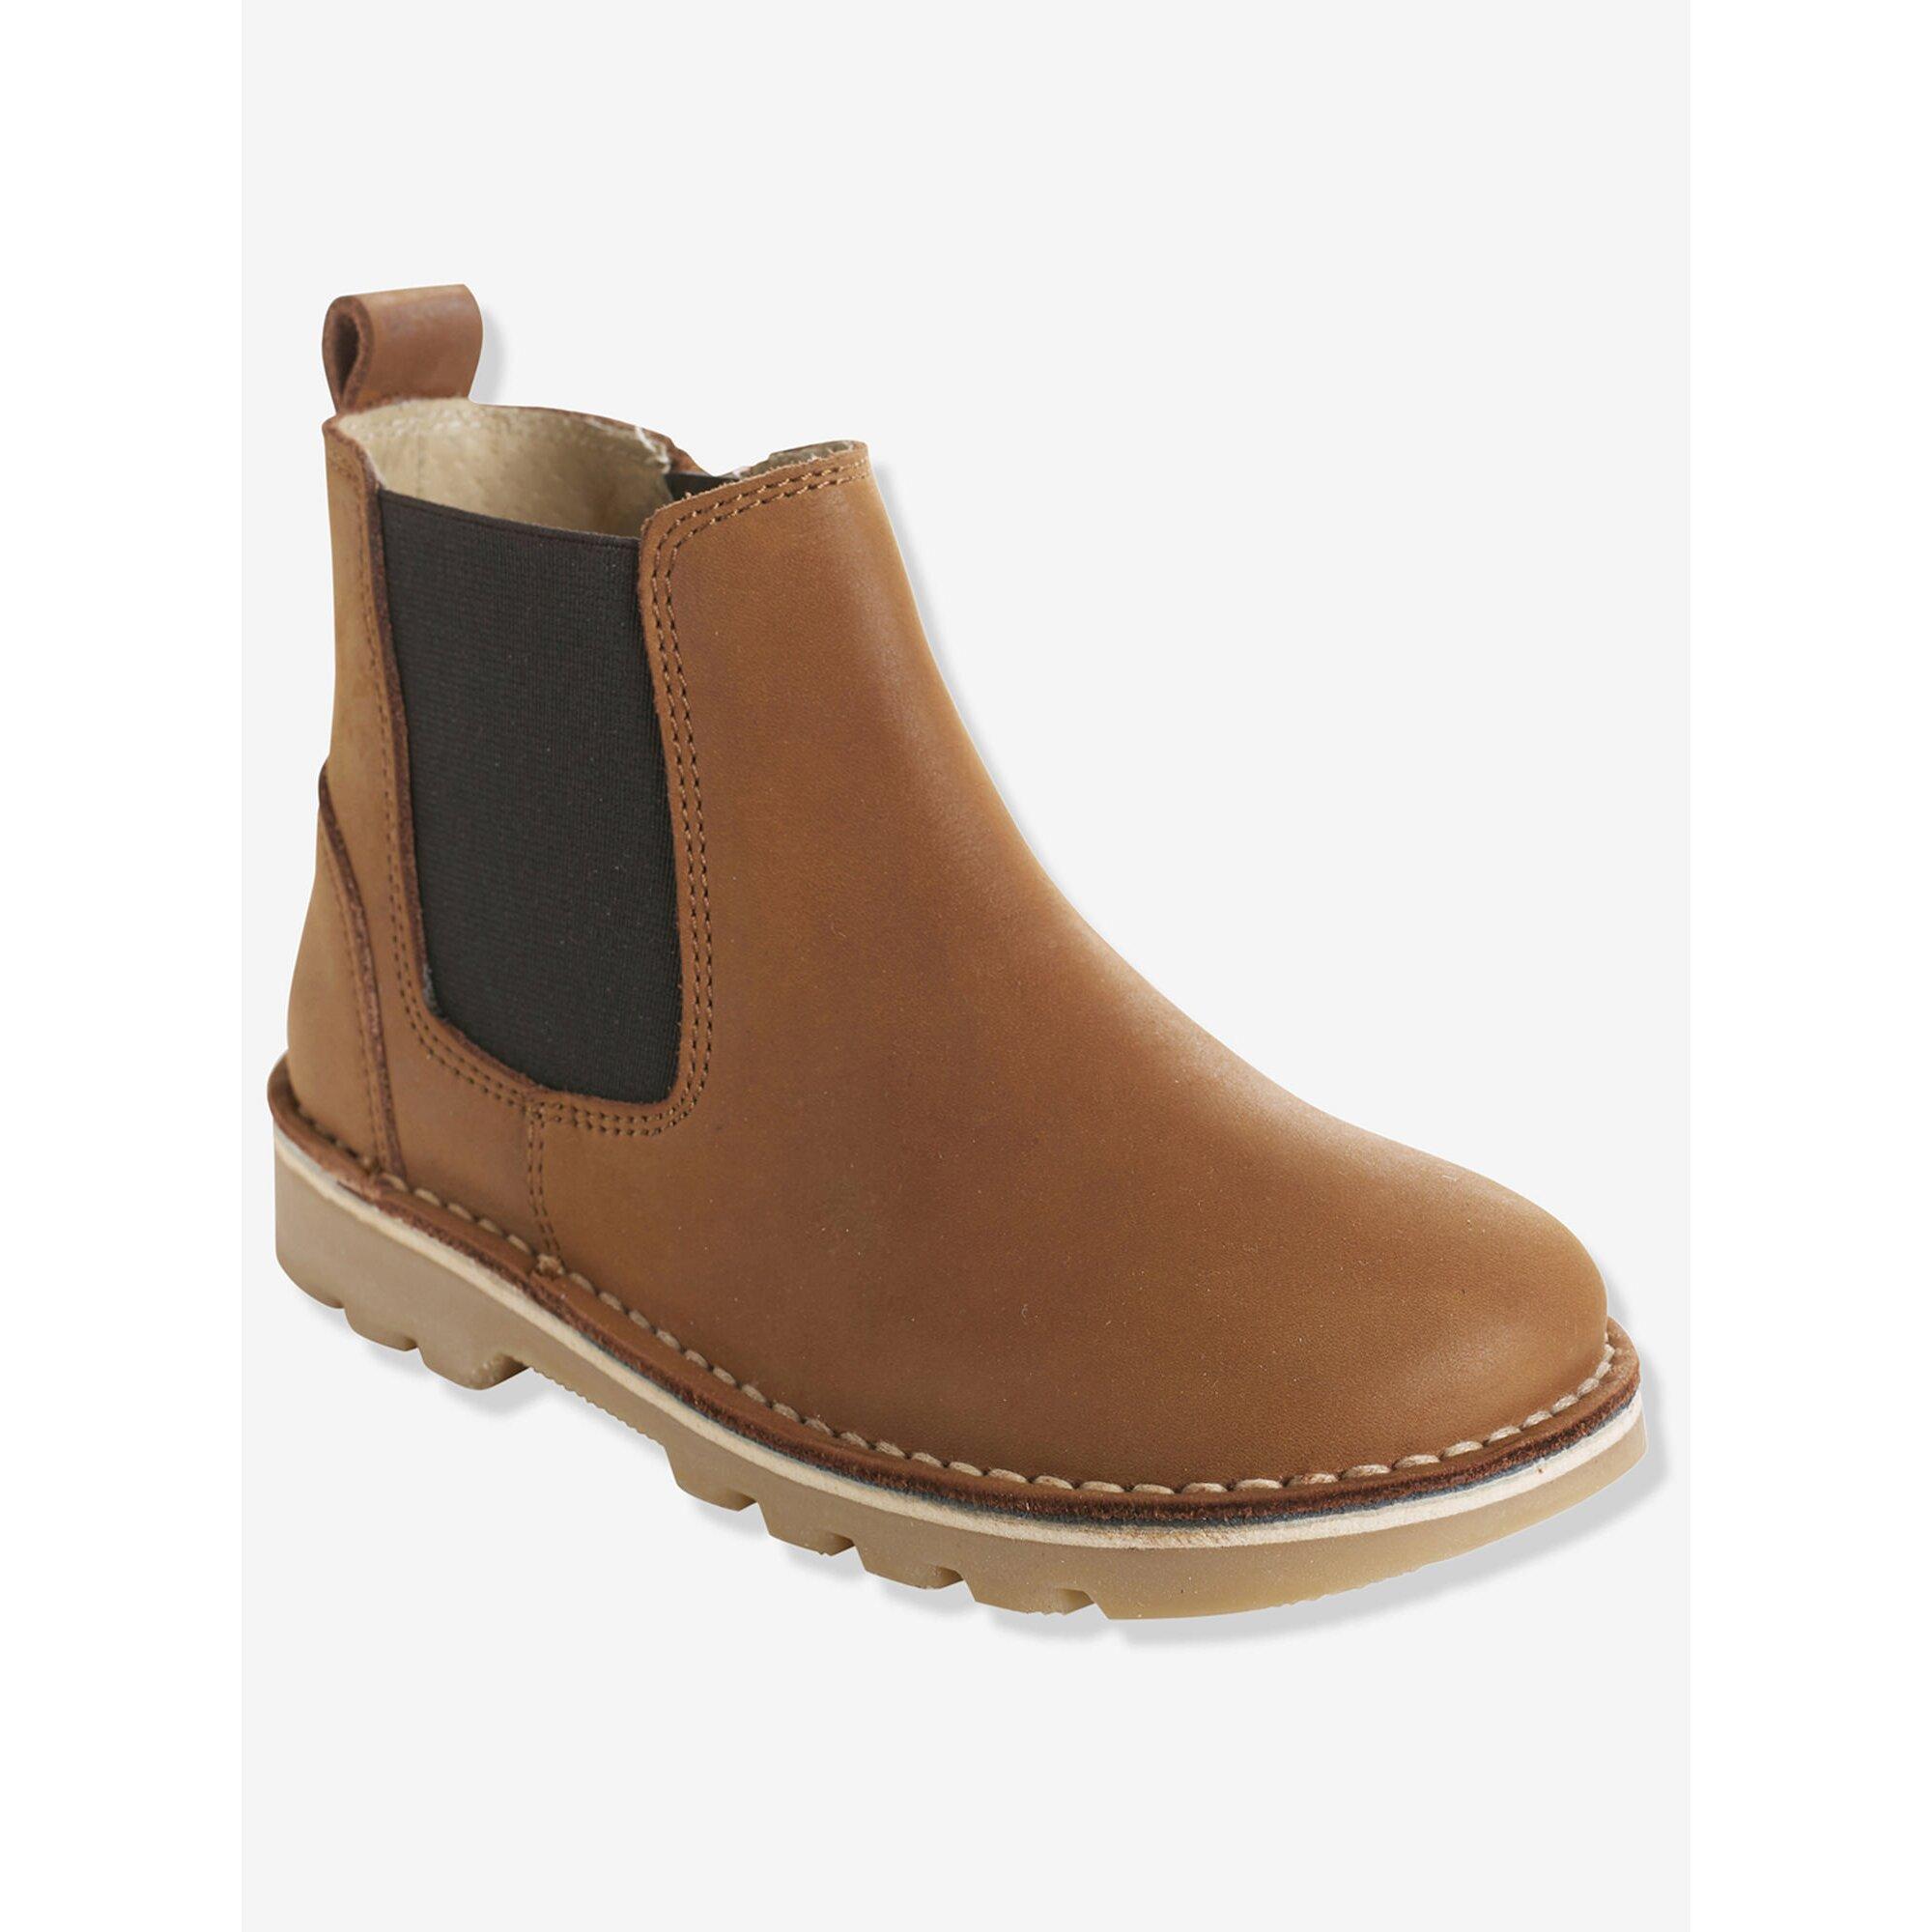 vertbaudet-leder-boots-jungen-rei-verschluss, 55.99 EUR @ babywalz-de